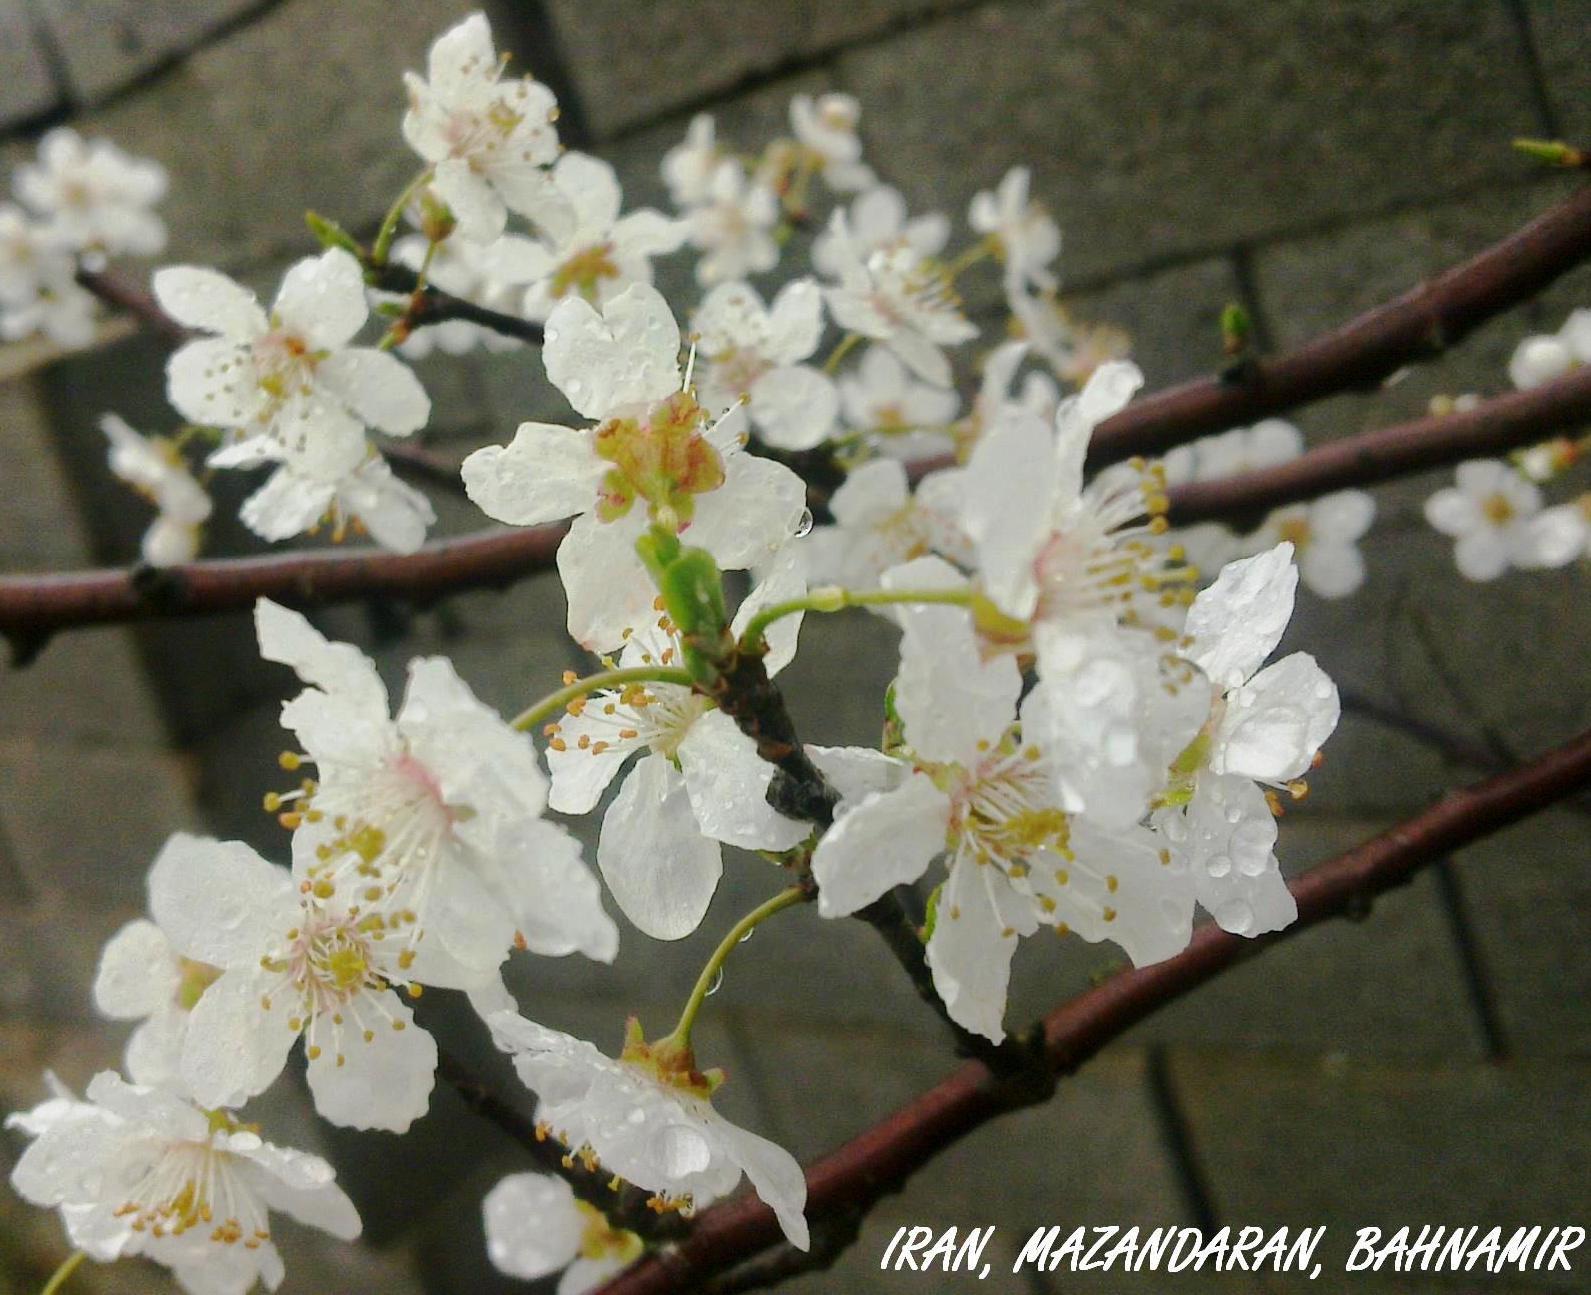 شکوفه های درخت آلوچه روستا